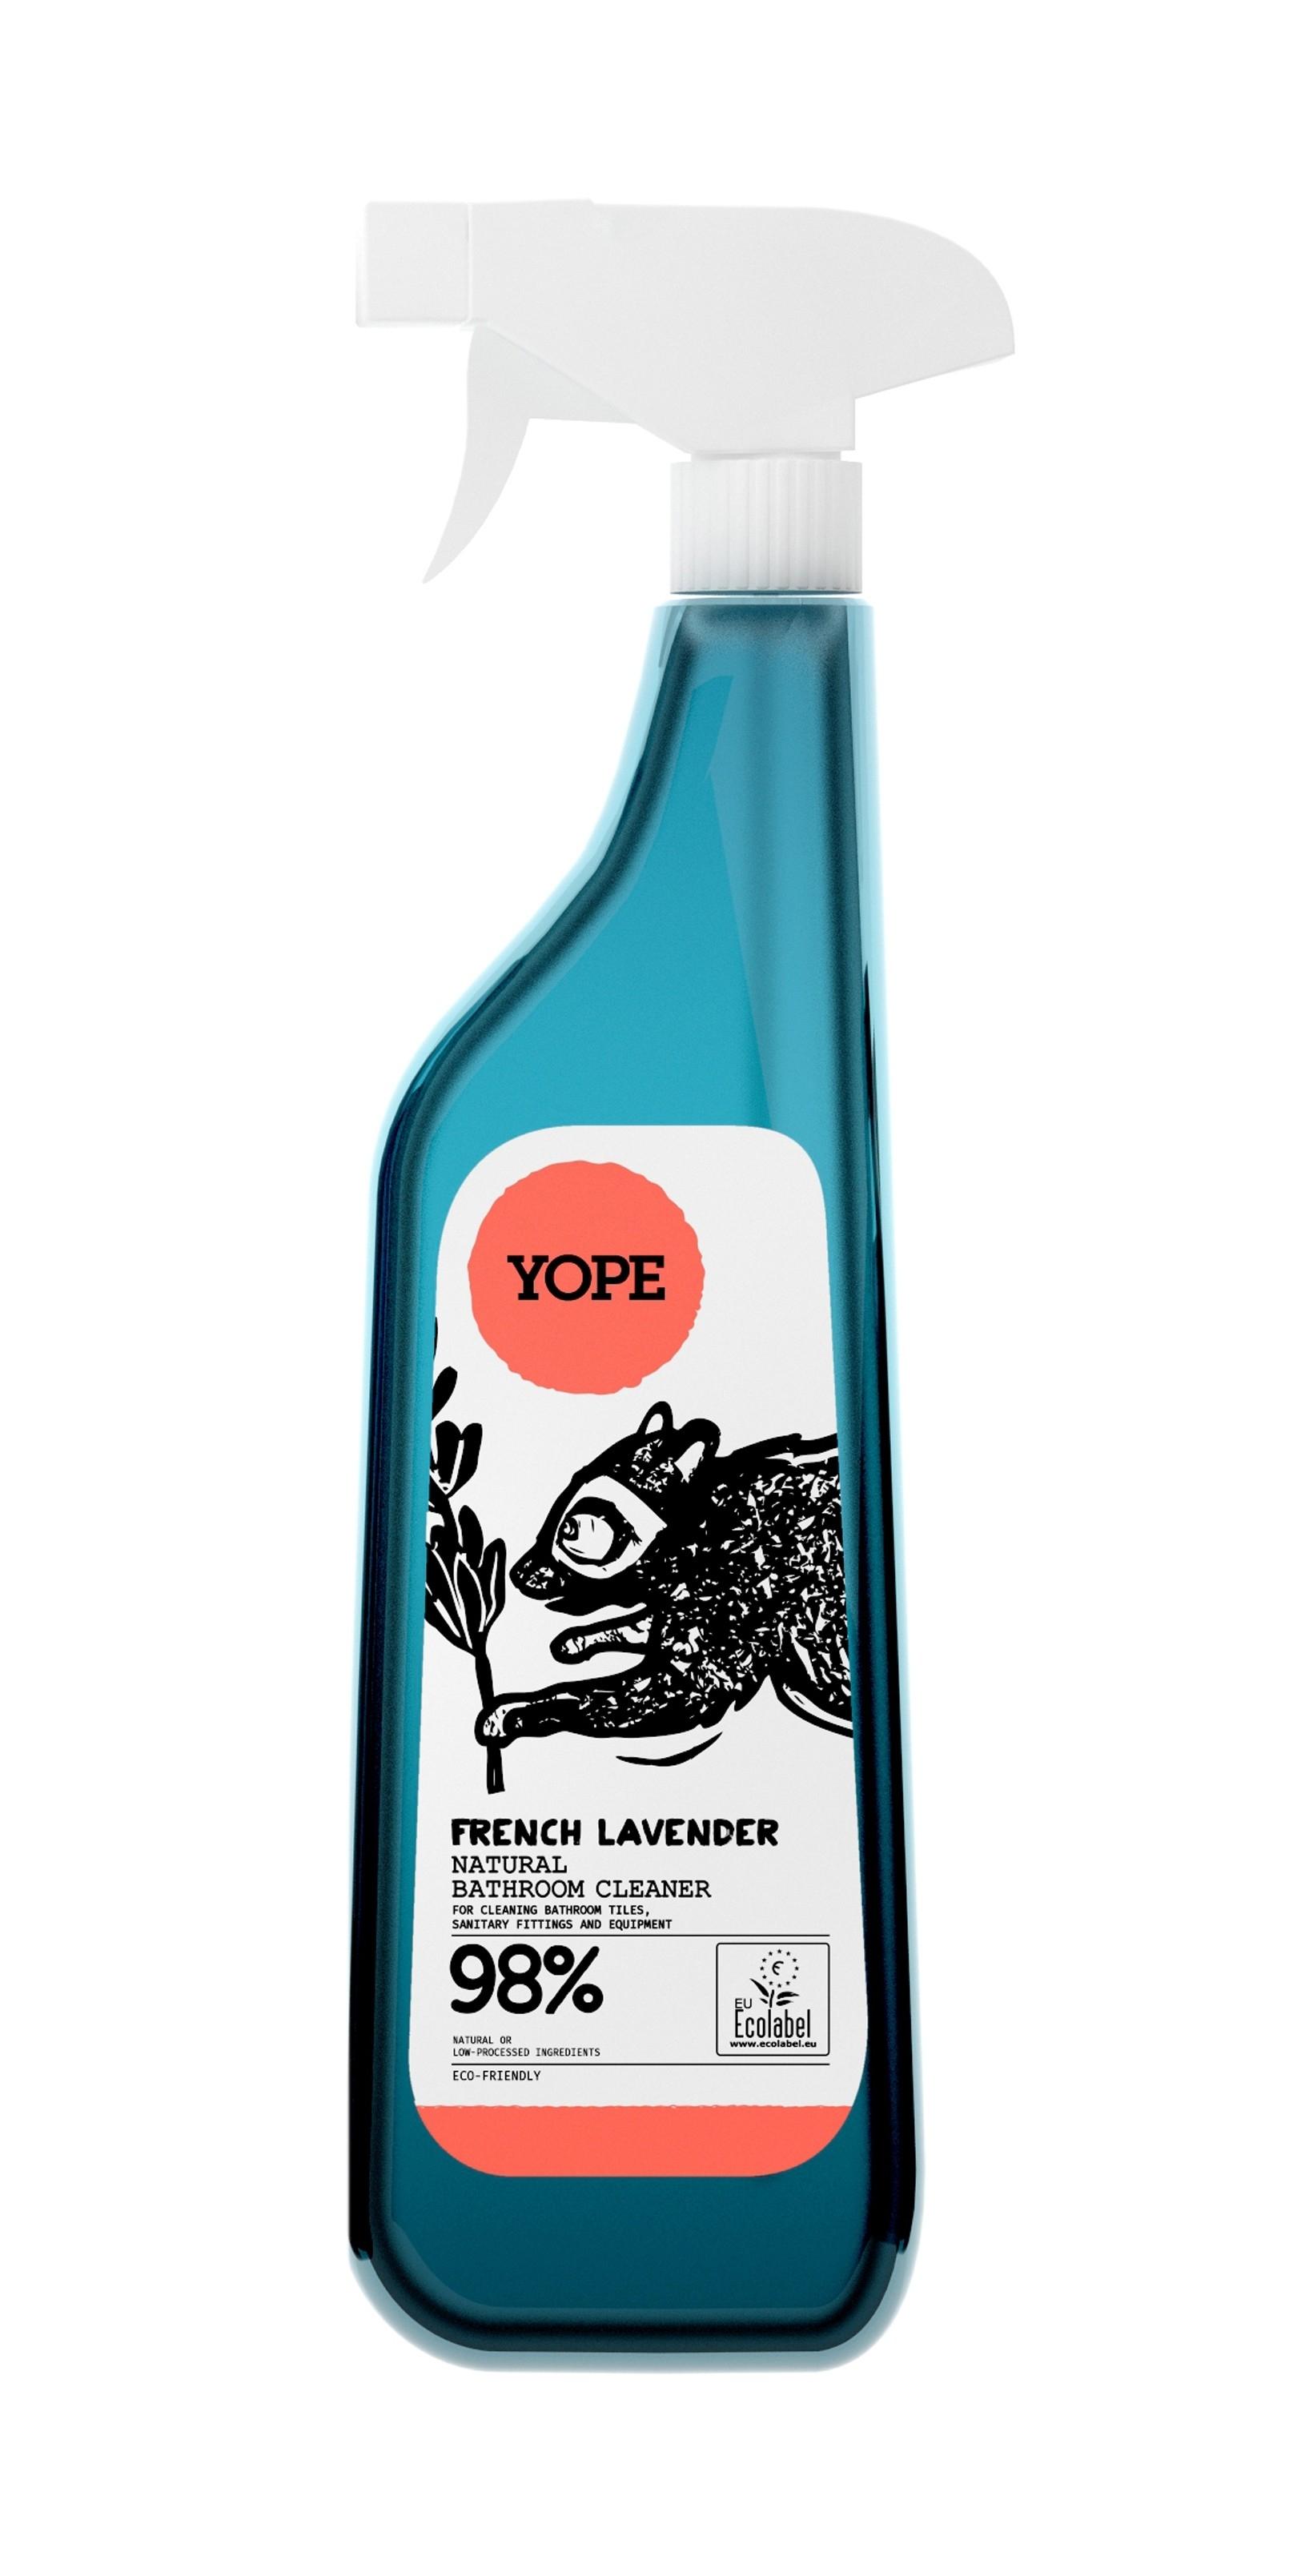 Solutie de curatat baia, cu extract de lavanda, ingrediente naturale, 750 ml, Yope imagine